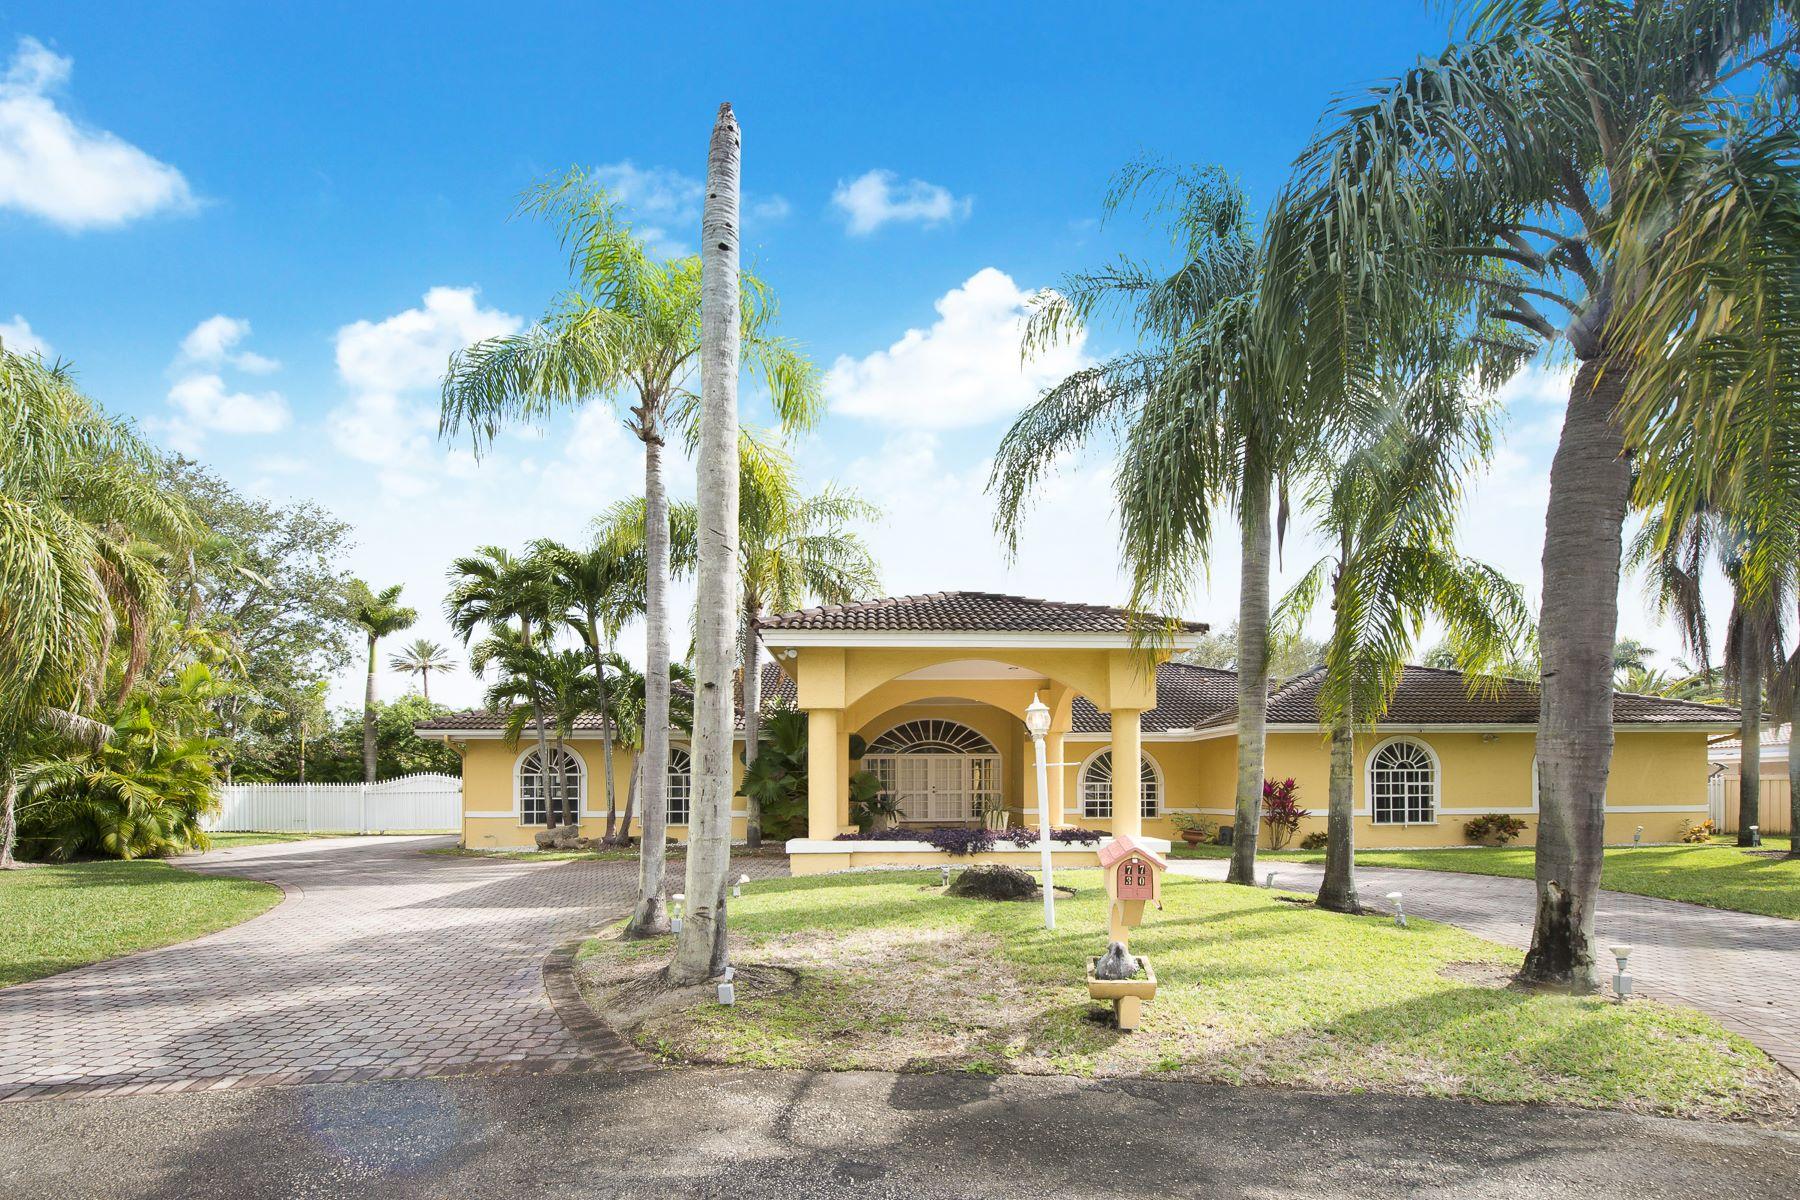 단독 가정 주택 용 매매 에 7730 Sw 72nd Ter Miami, 플로리다, 33143 미국